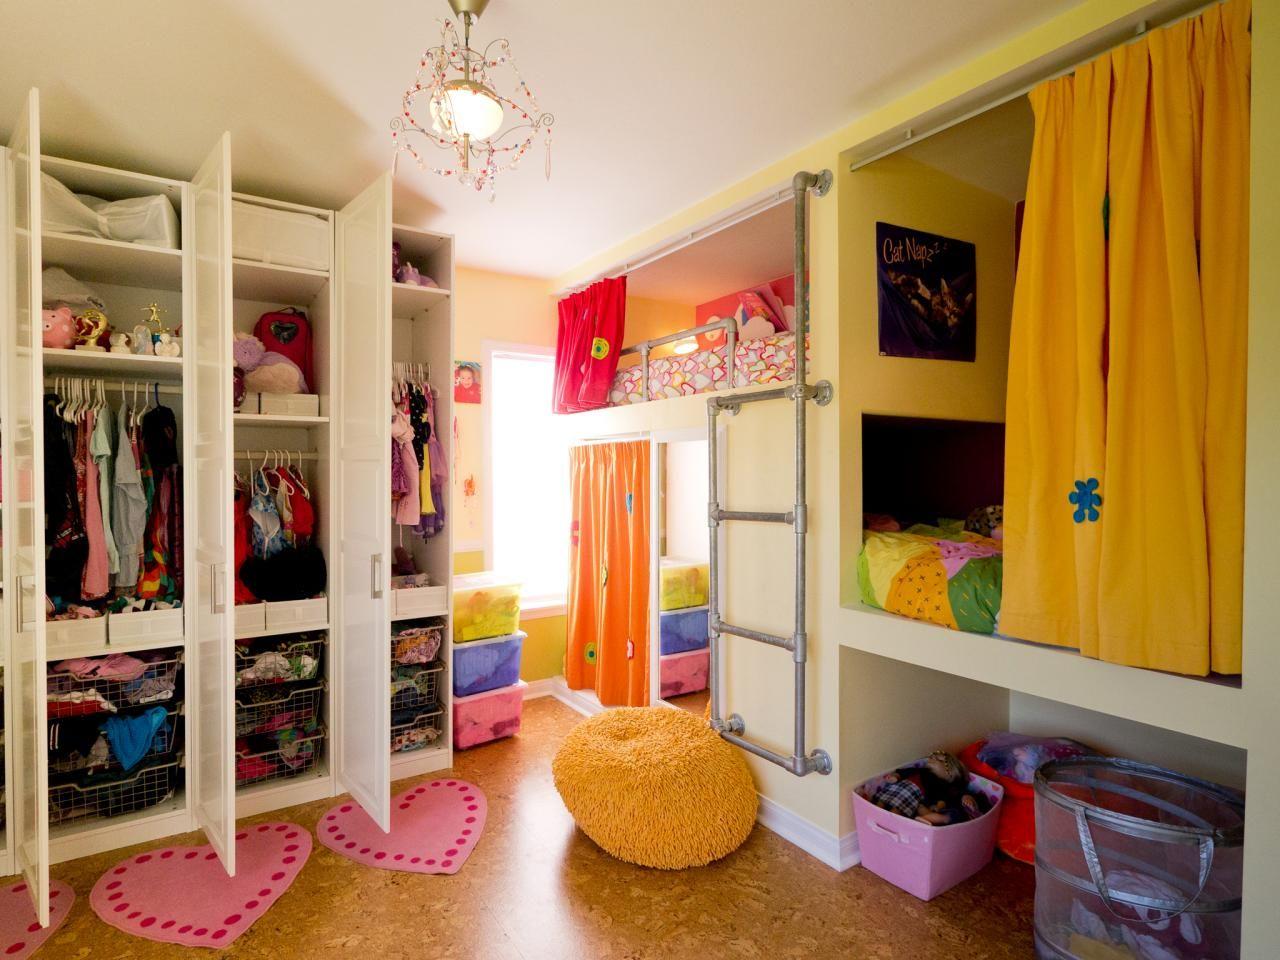 Kids Shared Bedroom Designs View Larger Kids Shared Bedroom Designs